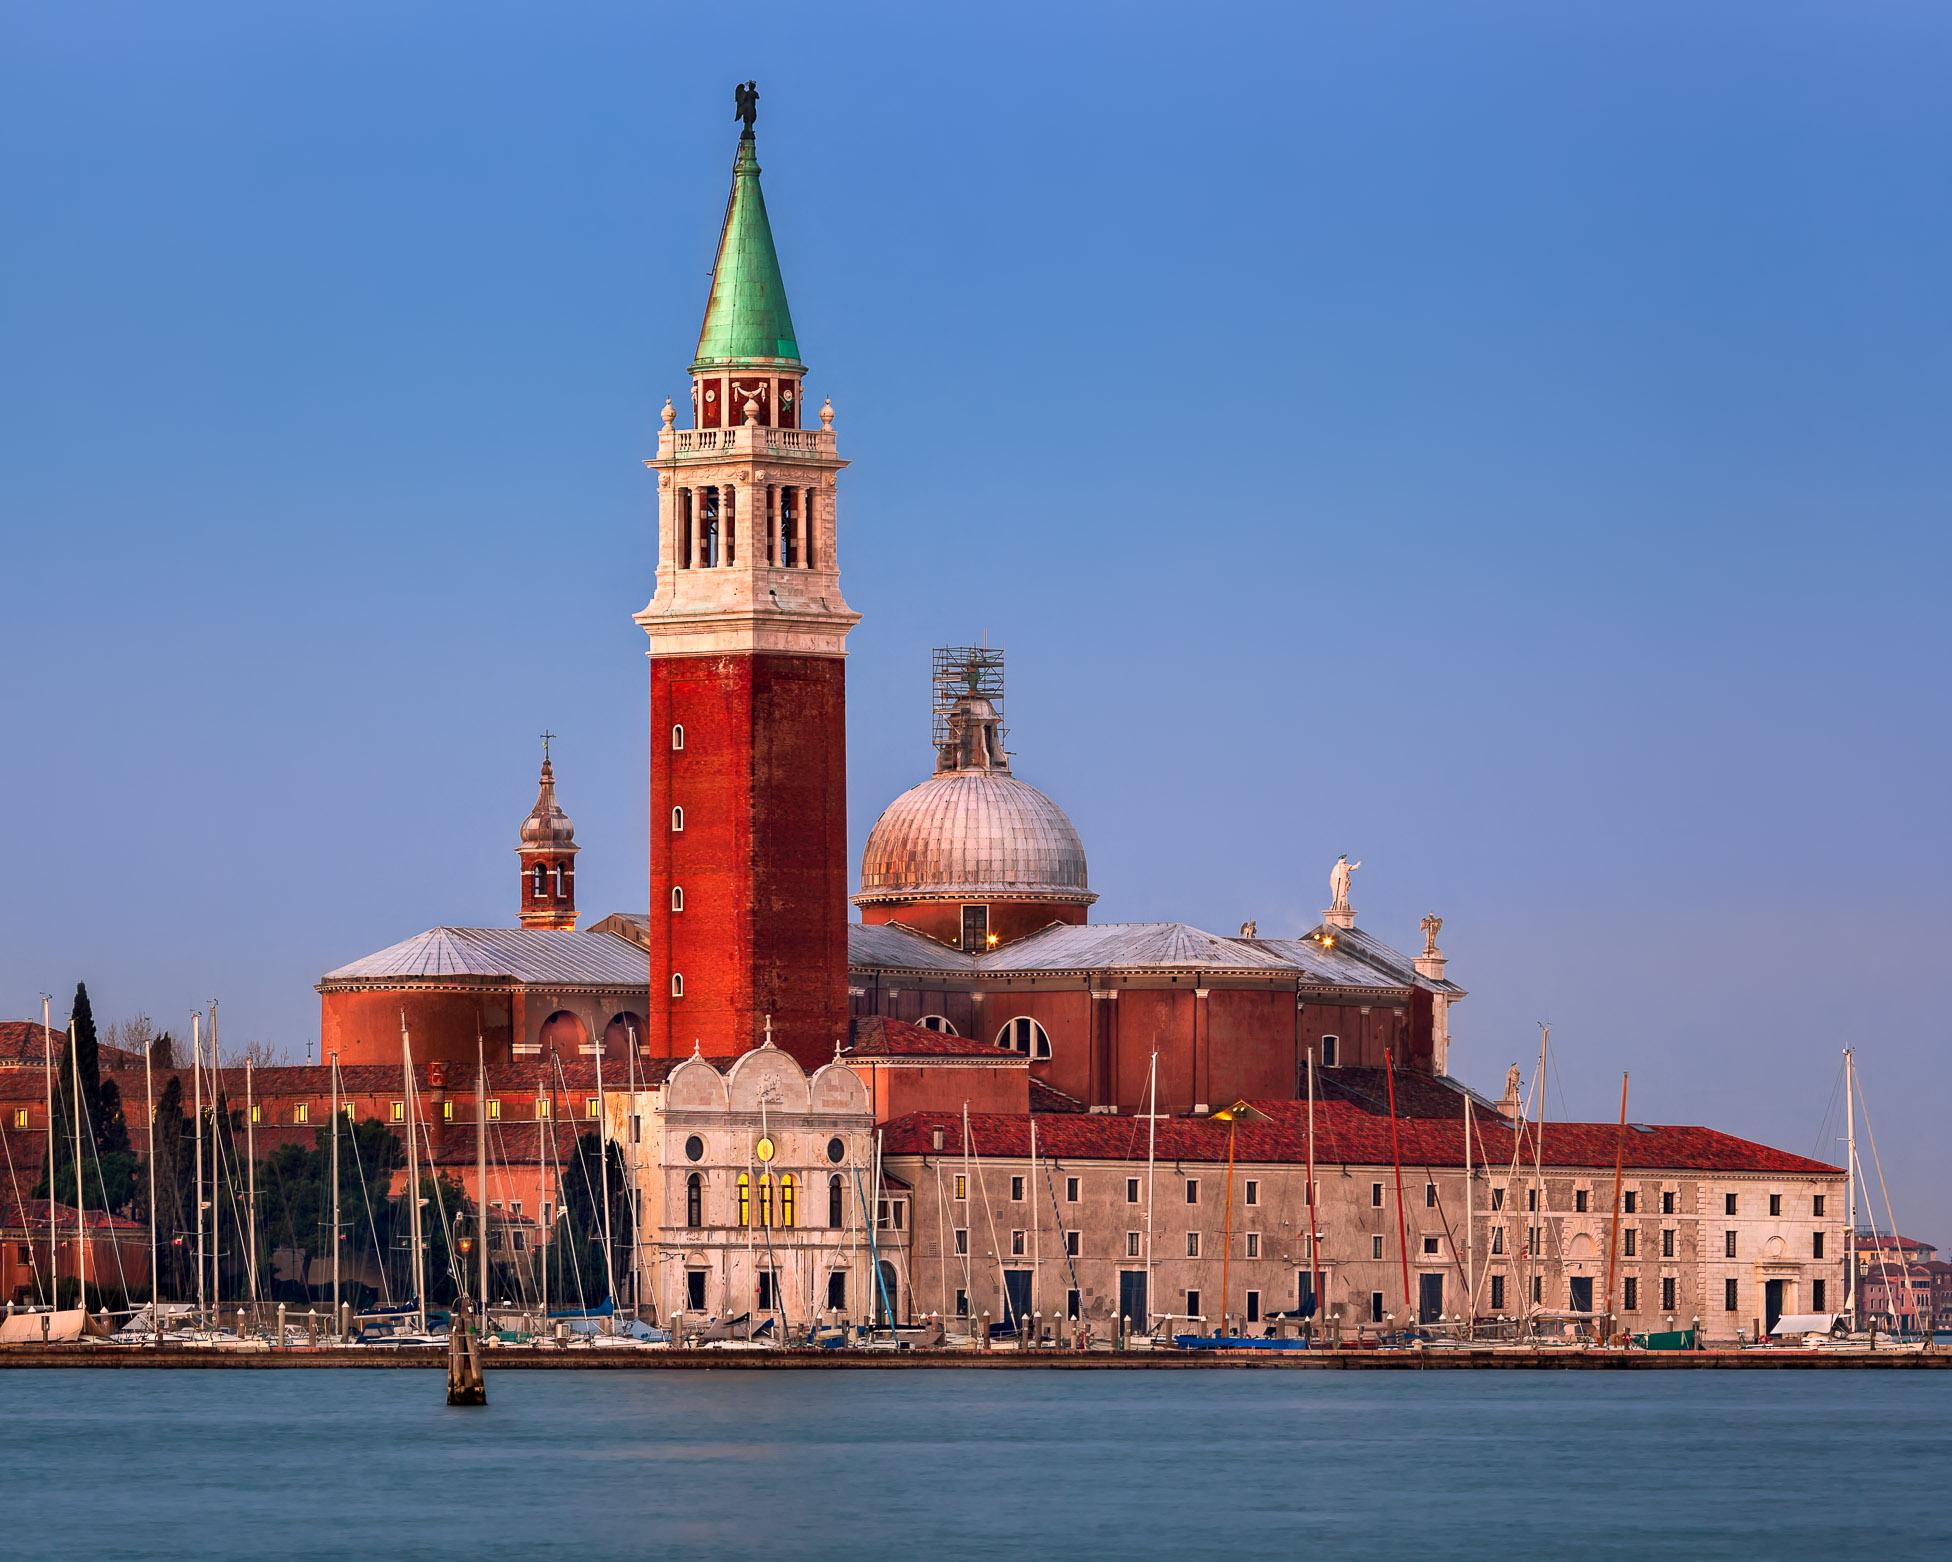 San Giorgio Maggiore Church in the Morning, Venice, Italy